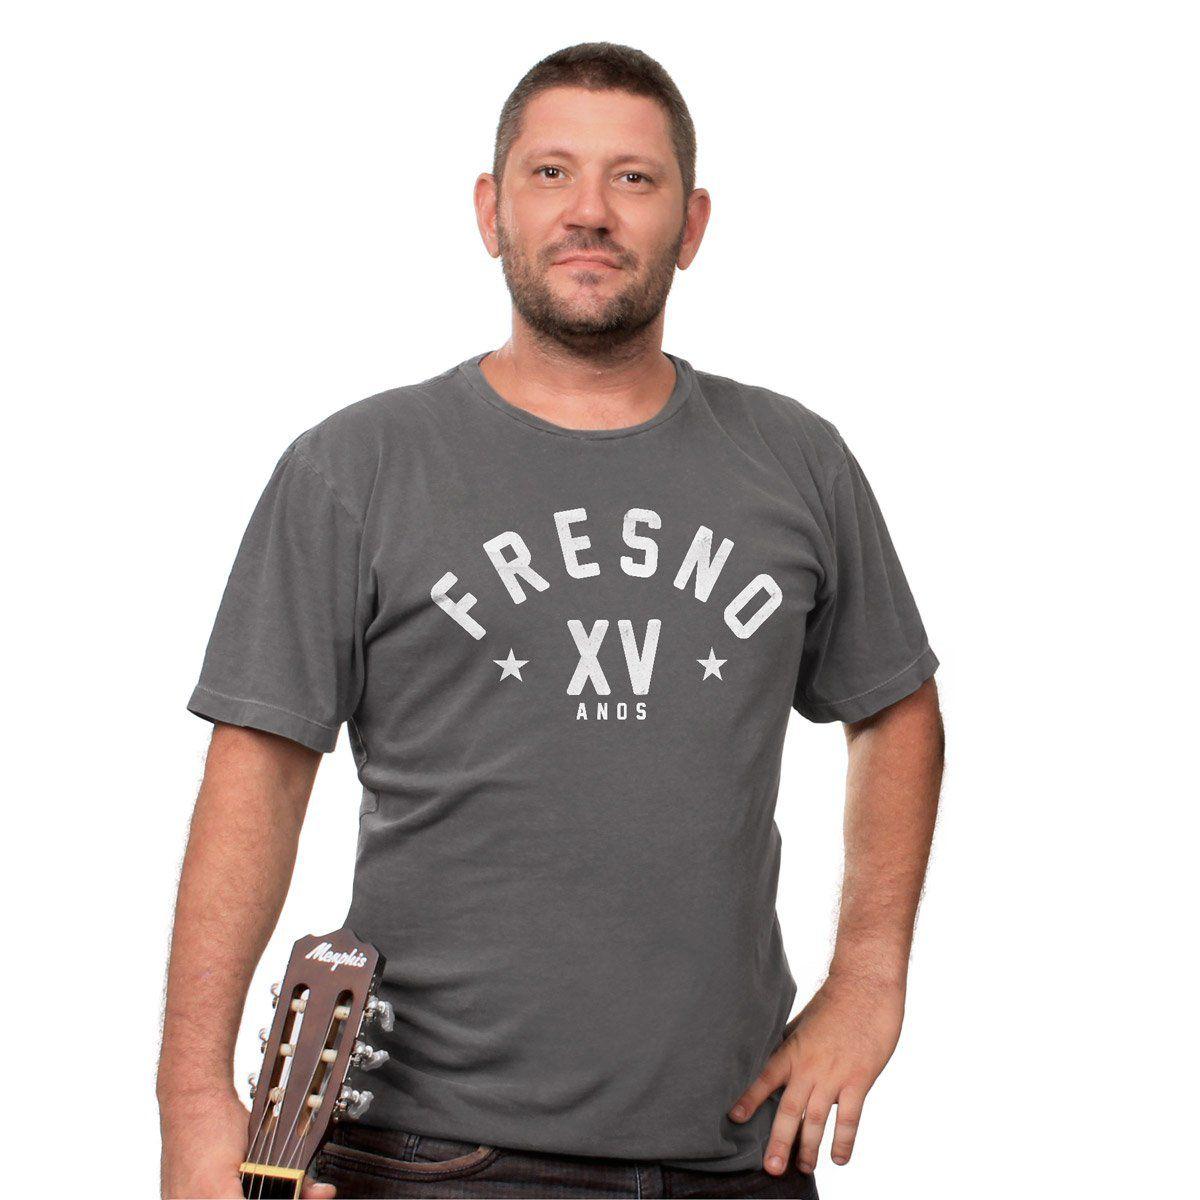 T-shirt Premium Masculina Fresno XV Anos Star